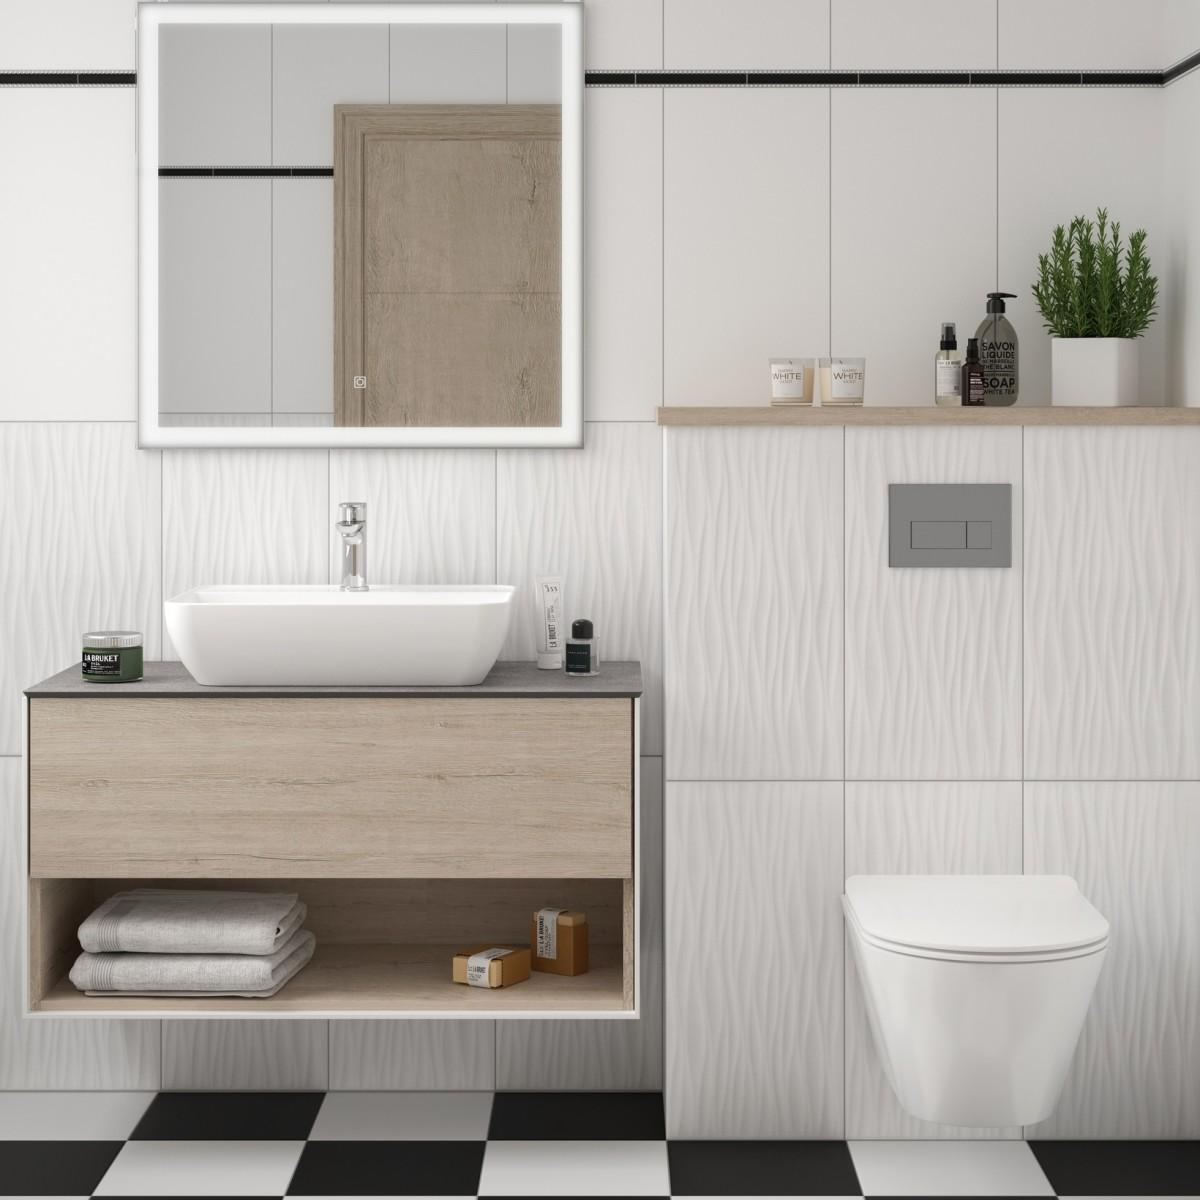 Плитка настенная Фрост 3D 29.5х59.5 см 1.08 м² цвет белый матовый